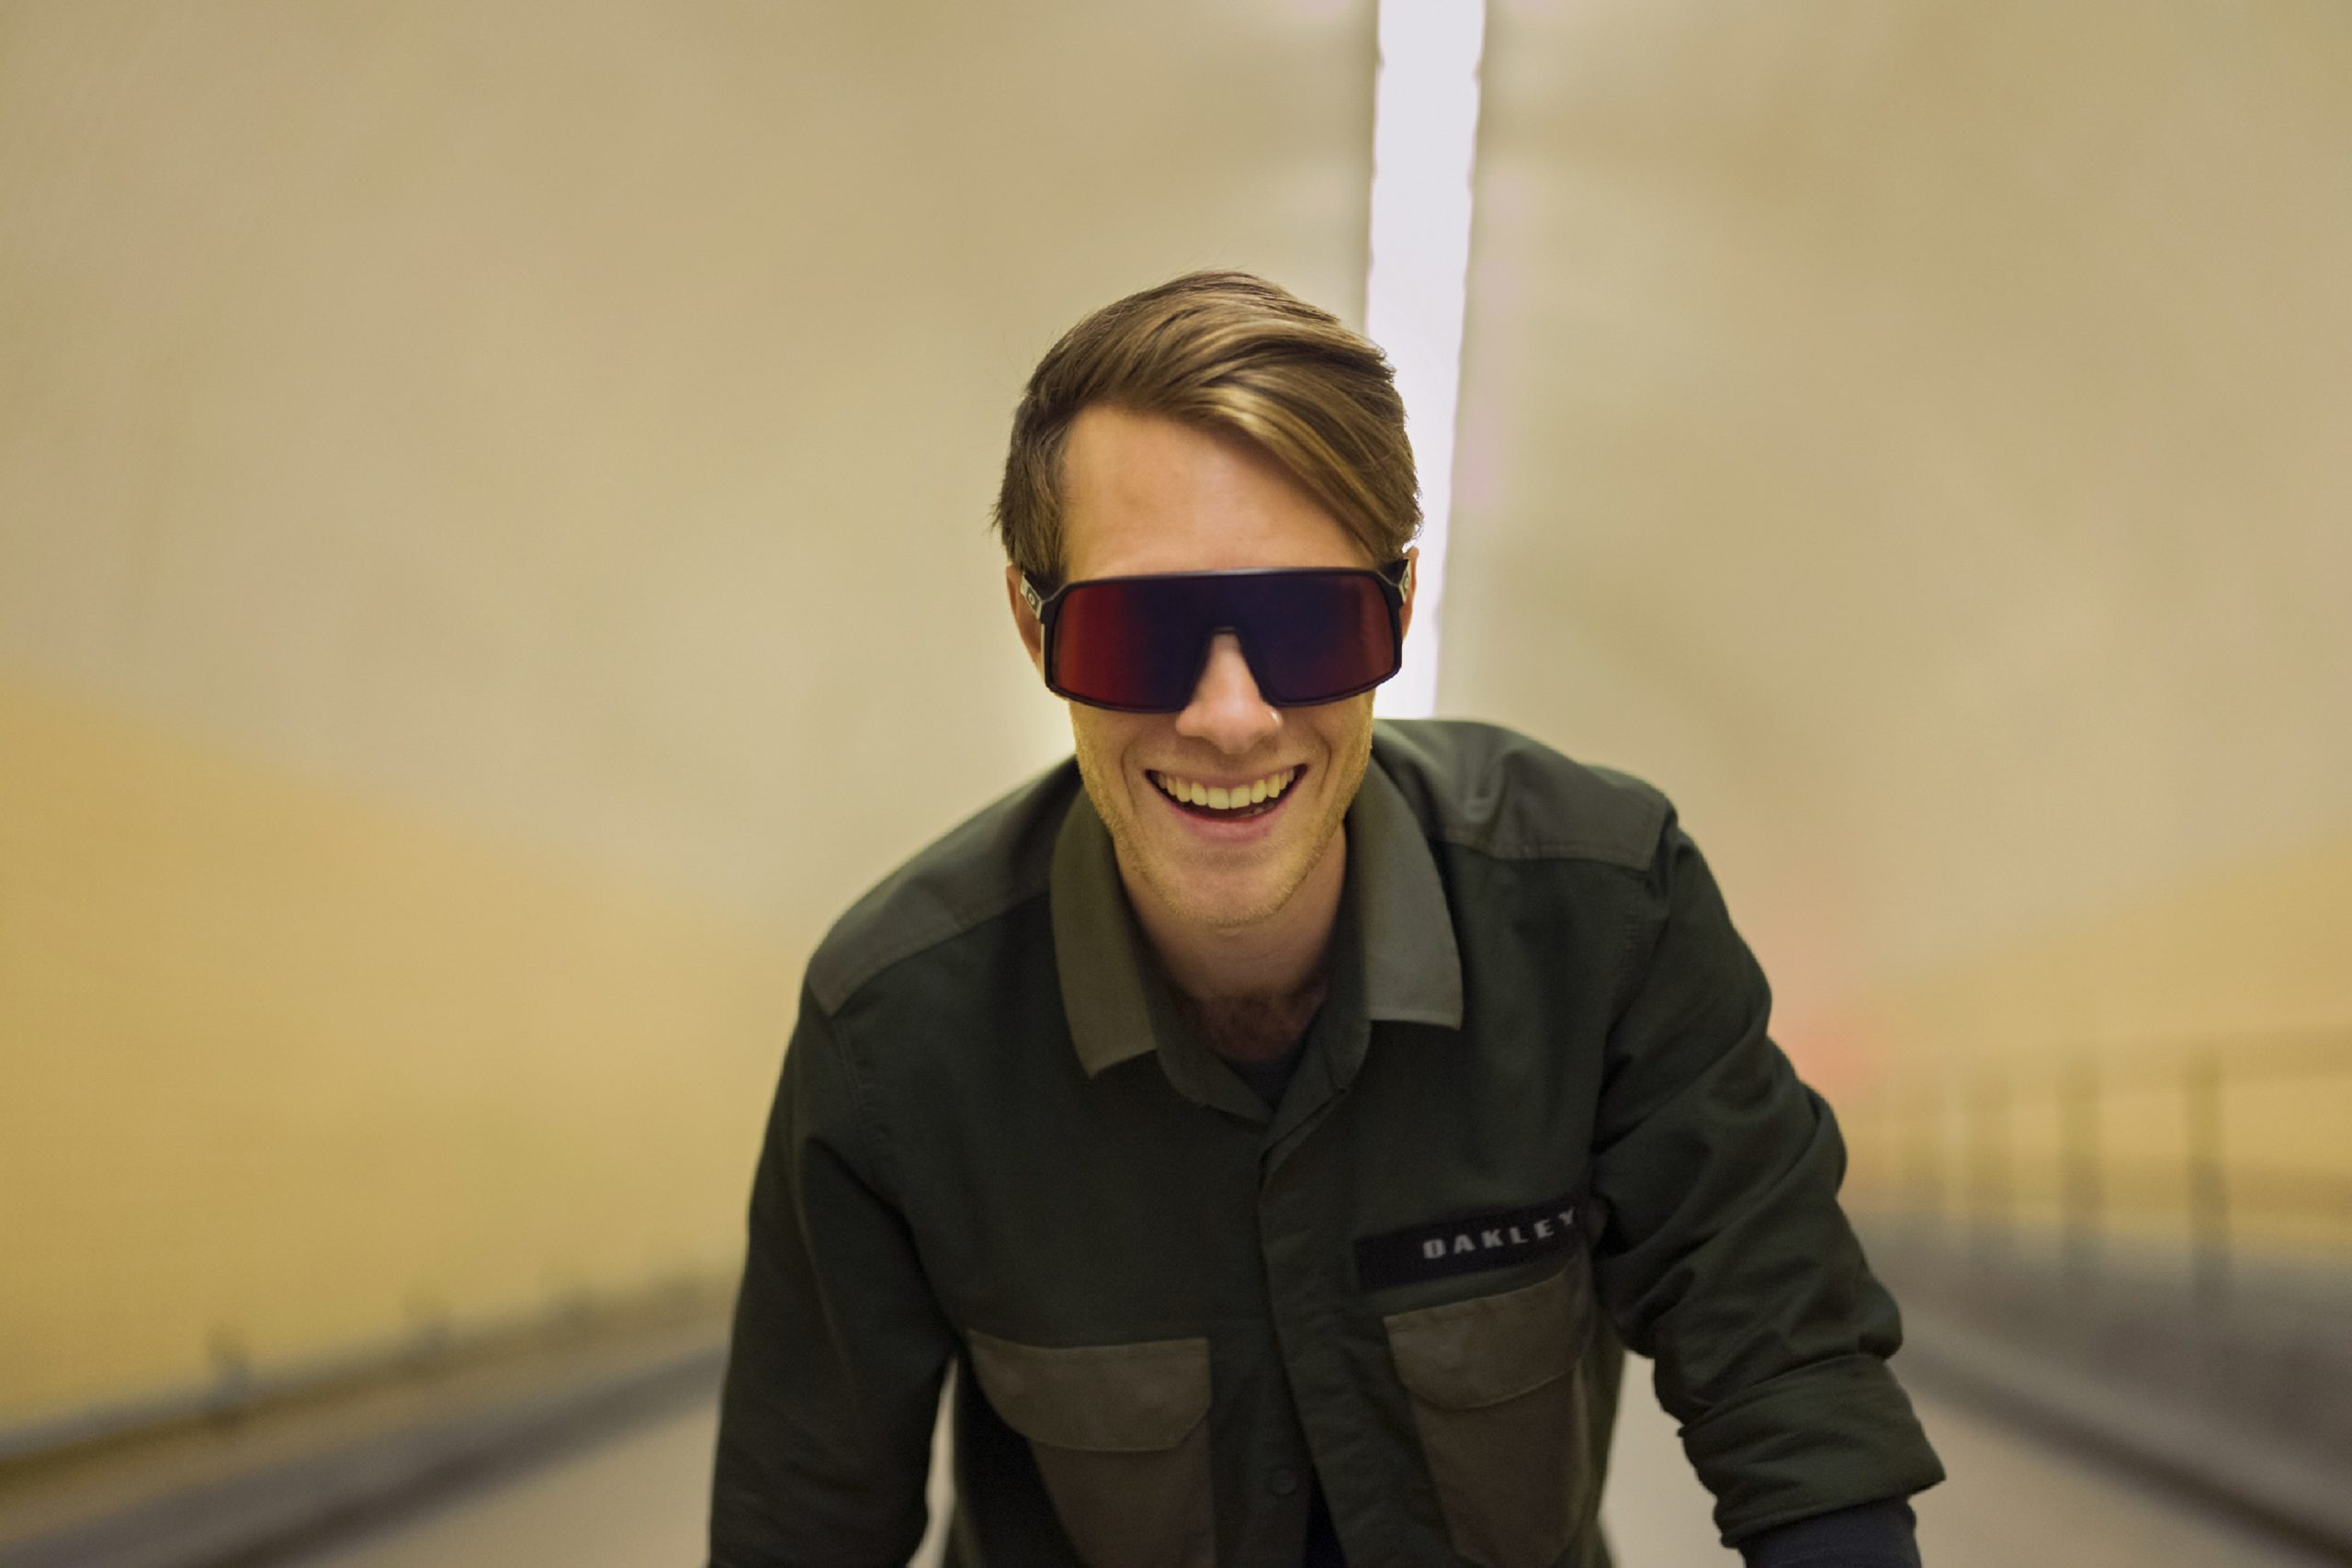 da8d54645 Desenvolvido para ciclistas, óculos Sutro não escorrega com o suor